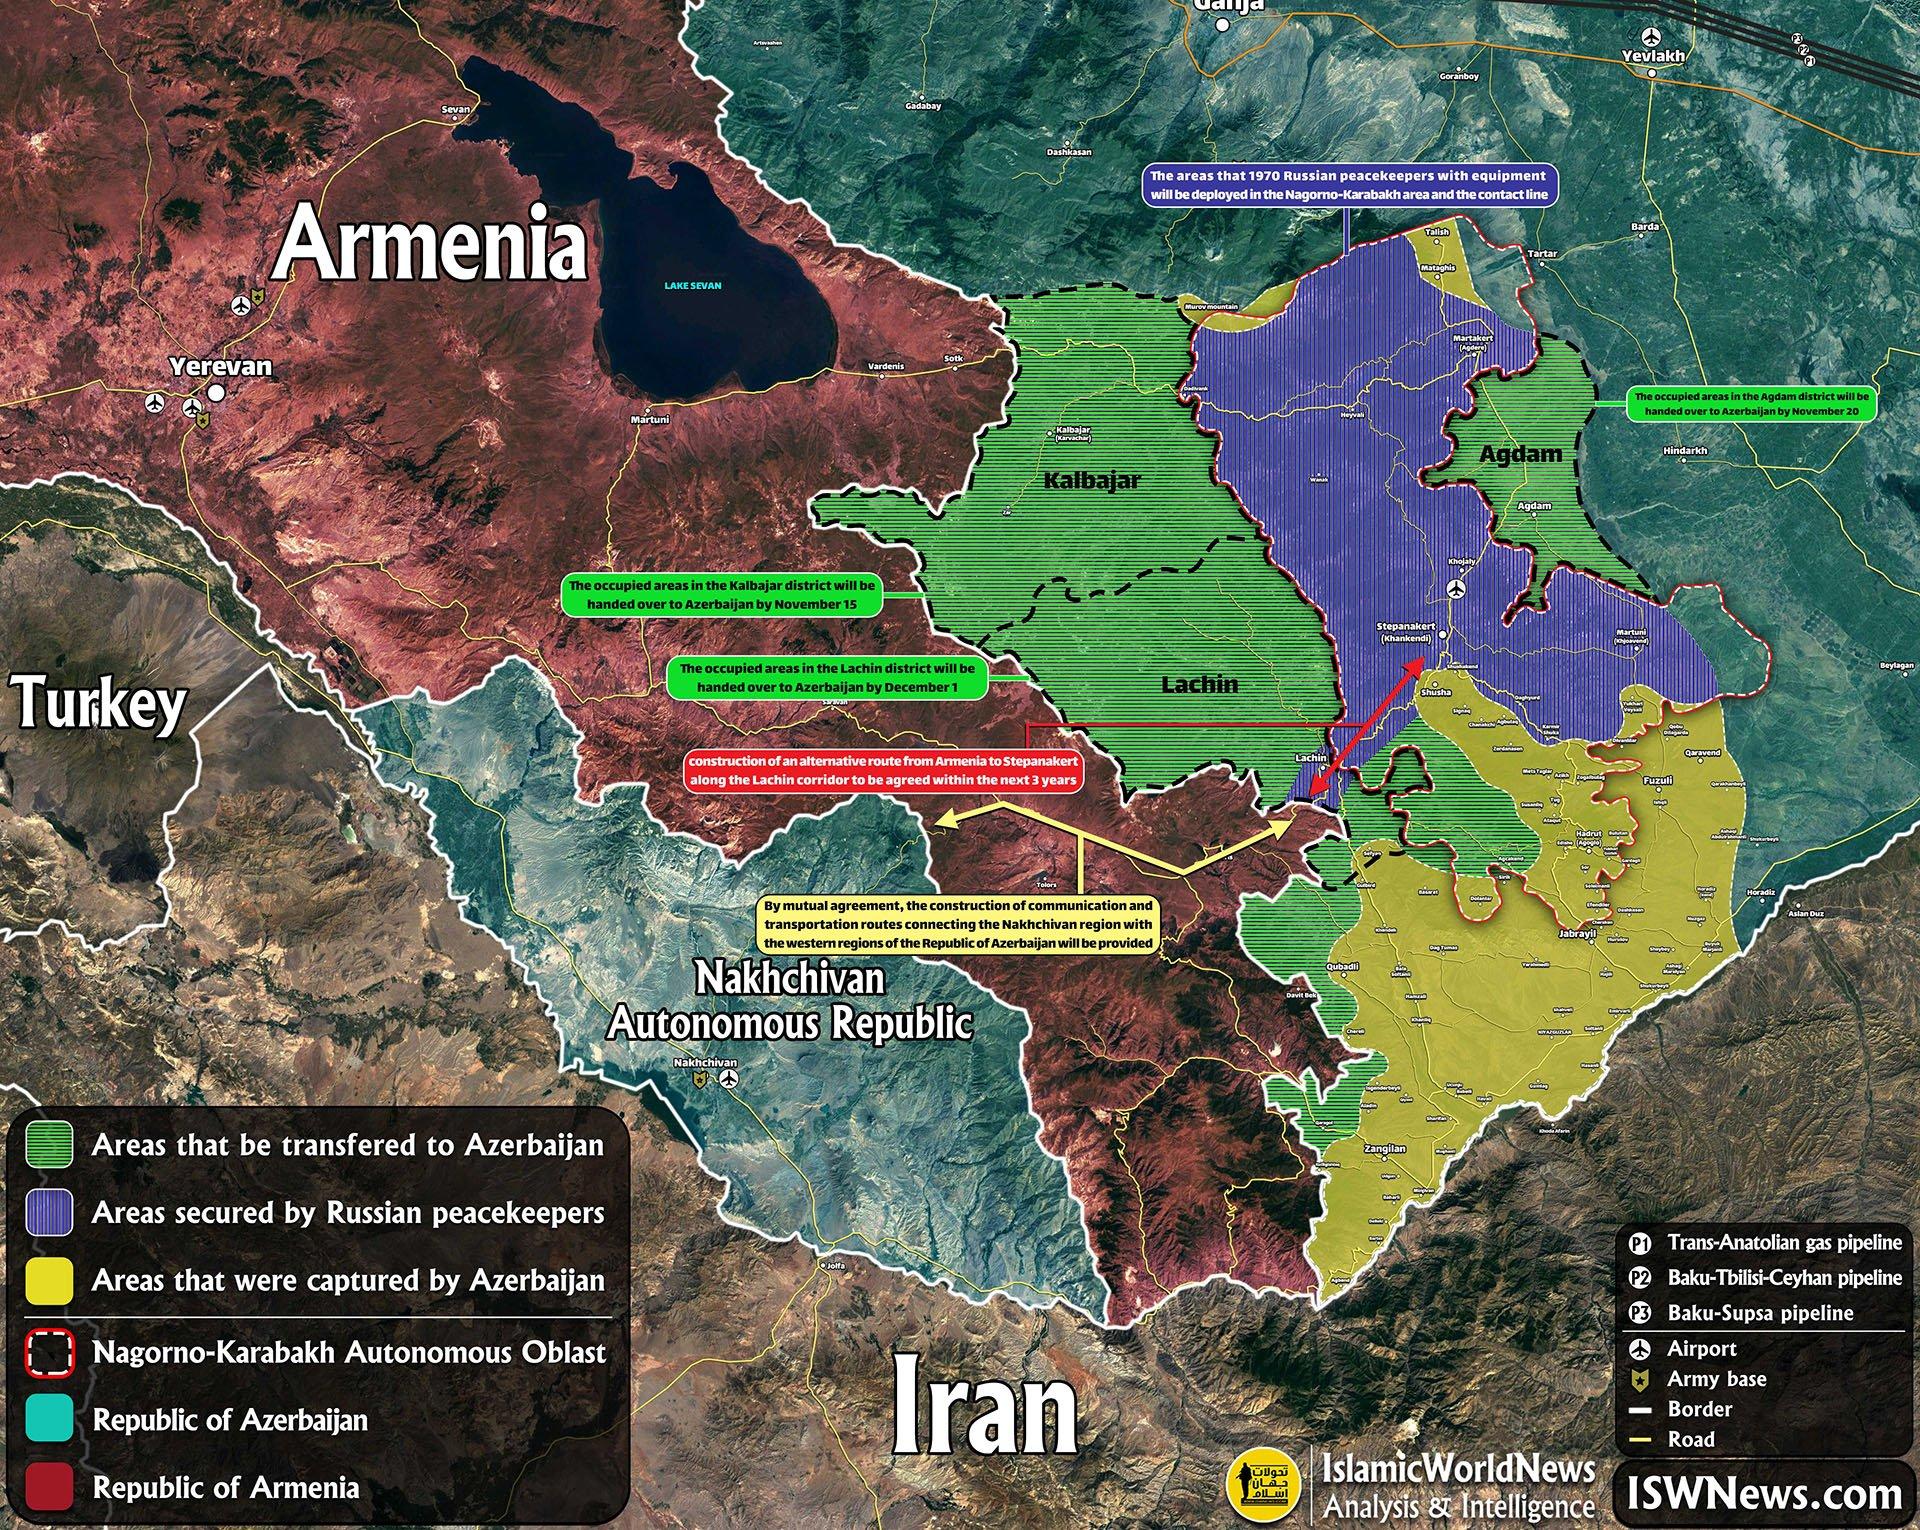 Γιατί ηττήθηκε η Αρμενία;